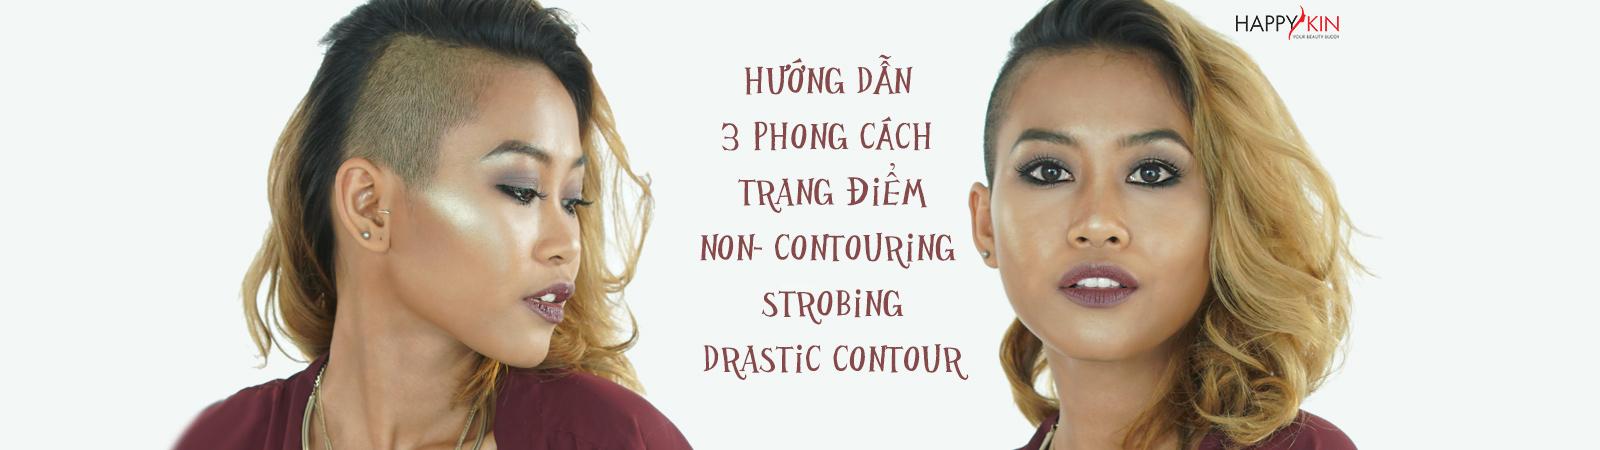 Làm Đẹp Mỗi Ngày Cùng Happyskin Vietnam